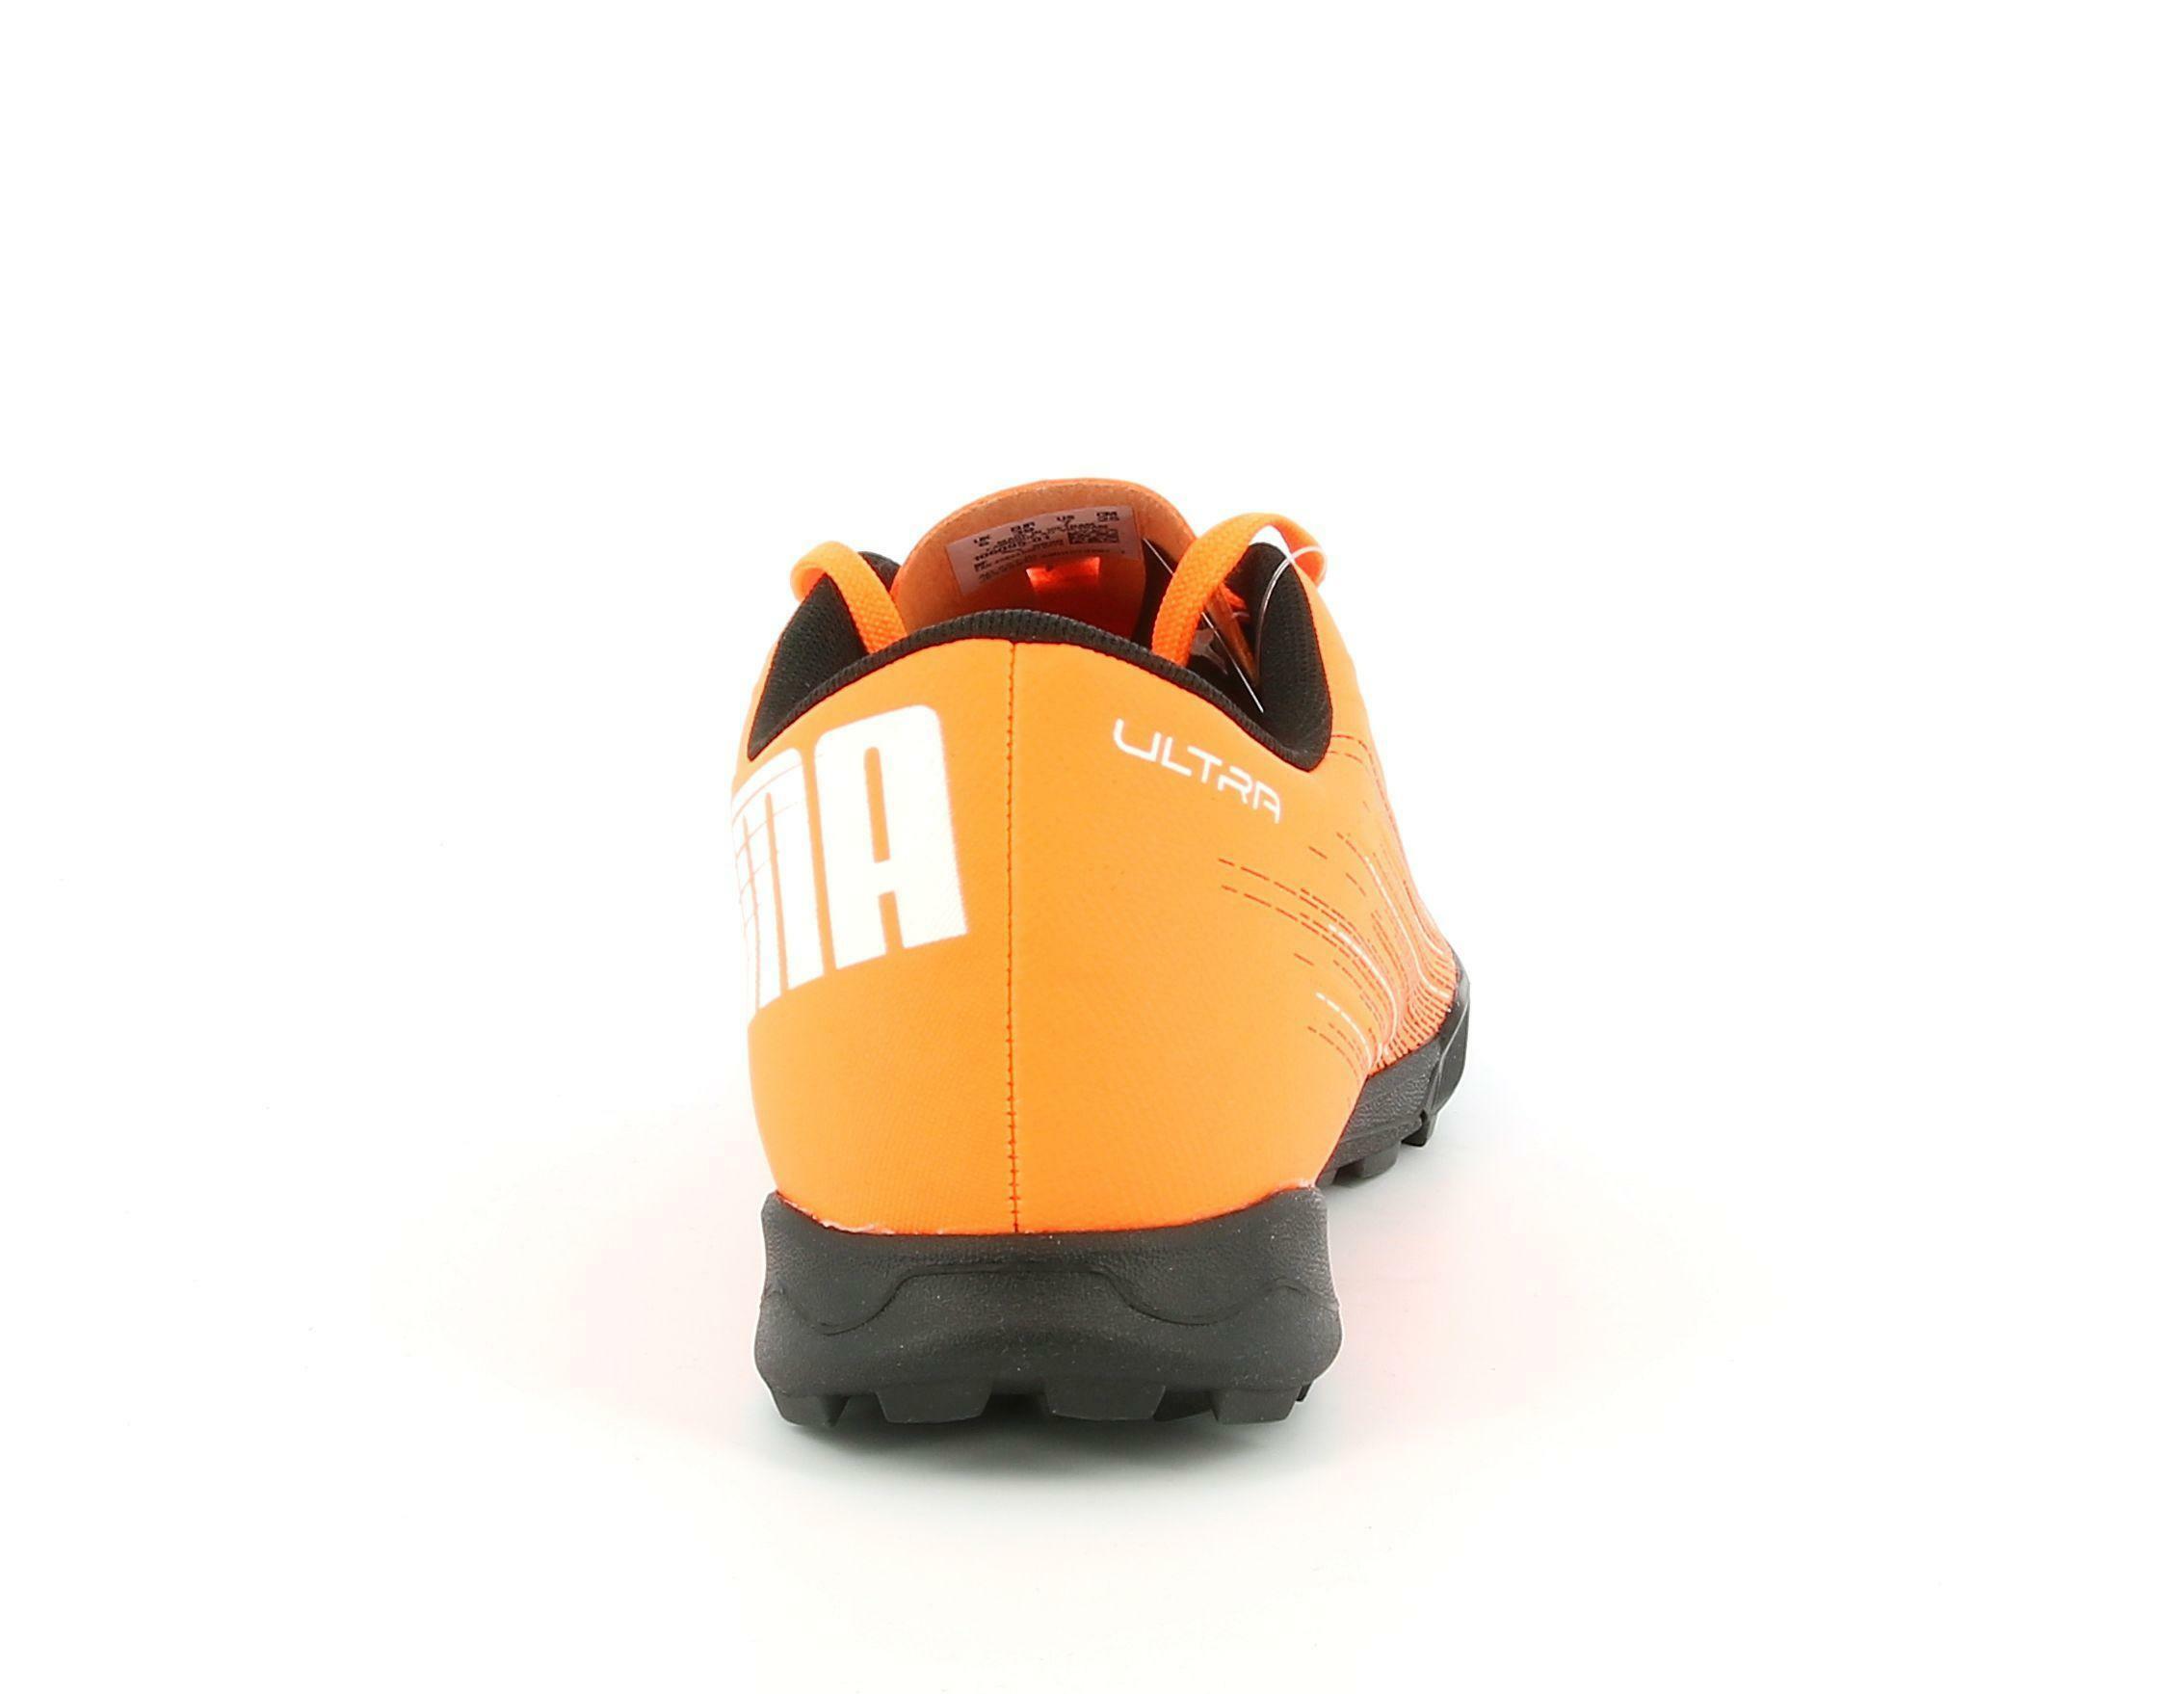 puma puma ultra 4.1 tt 106095 001 arancio scarpe da calcetto uomo